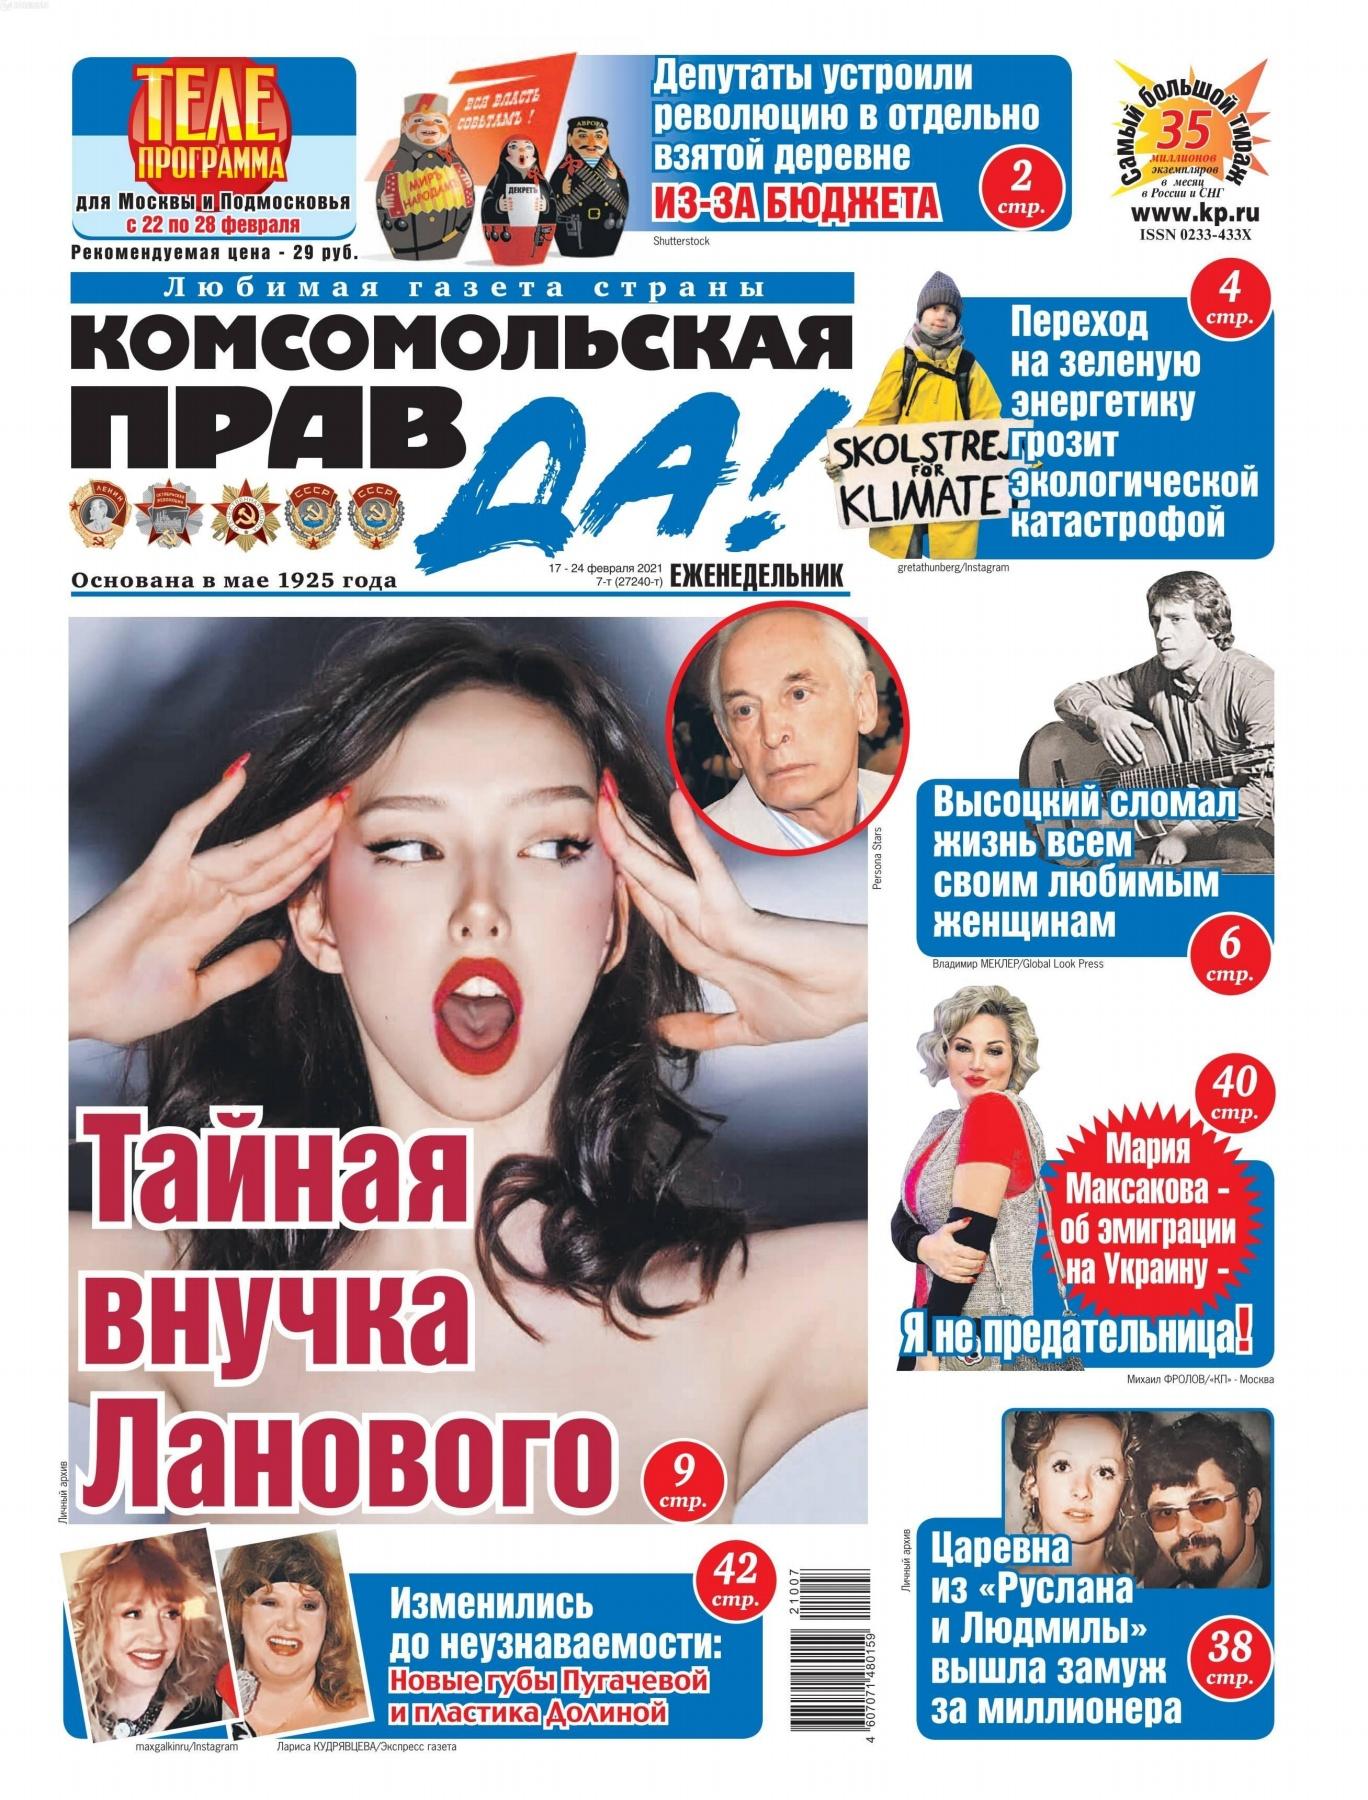 Комсомольская правда №7, февраль 2021